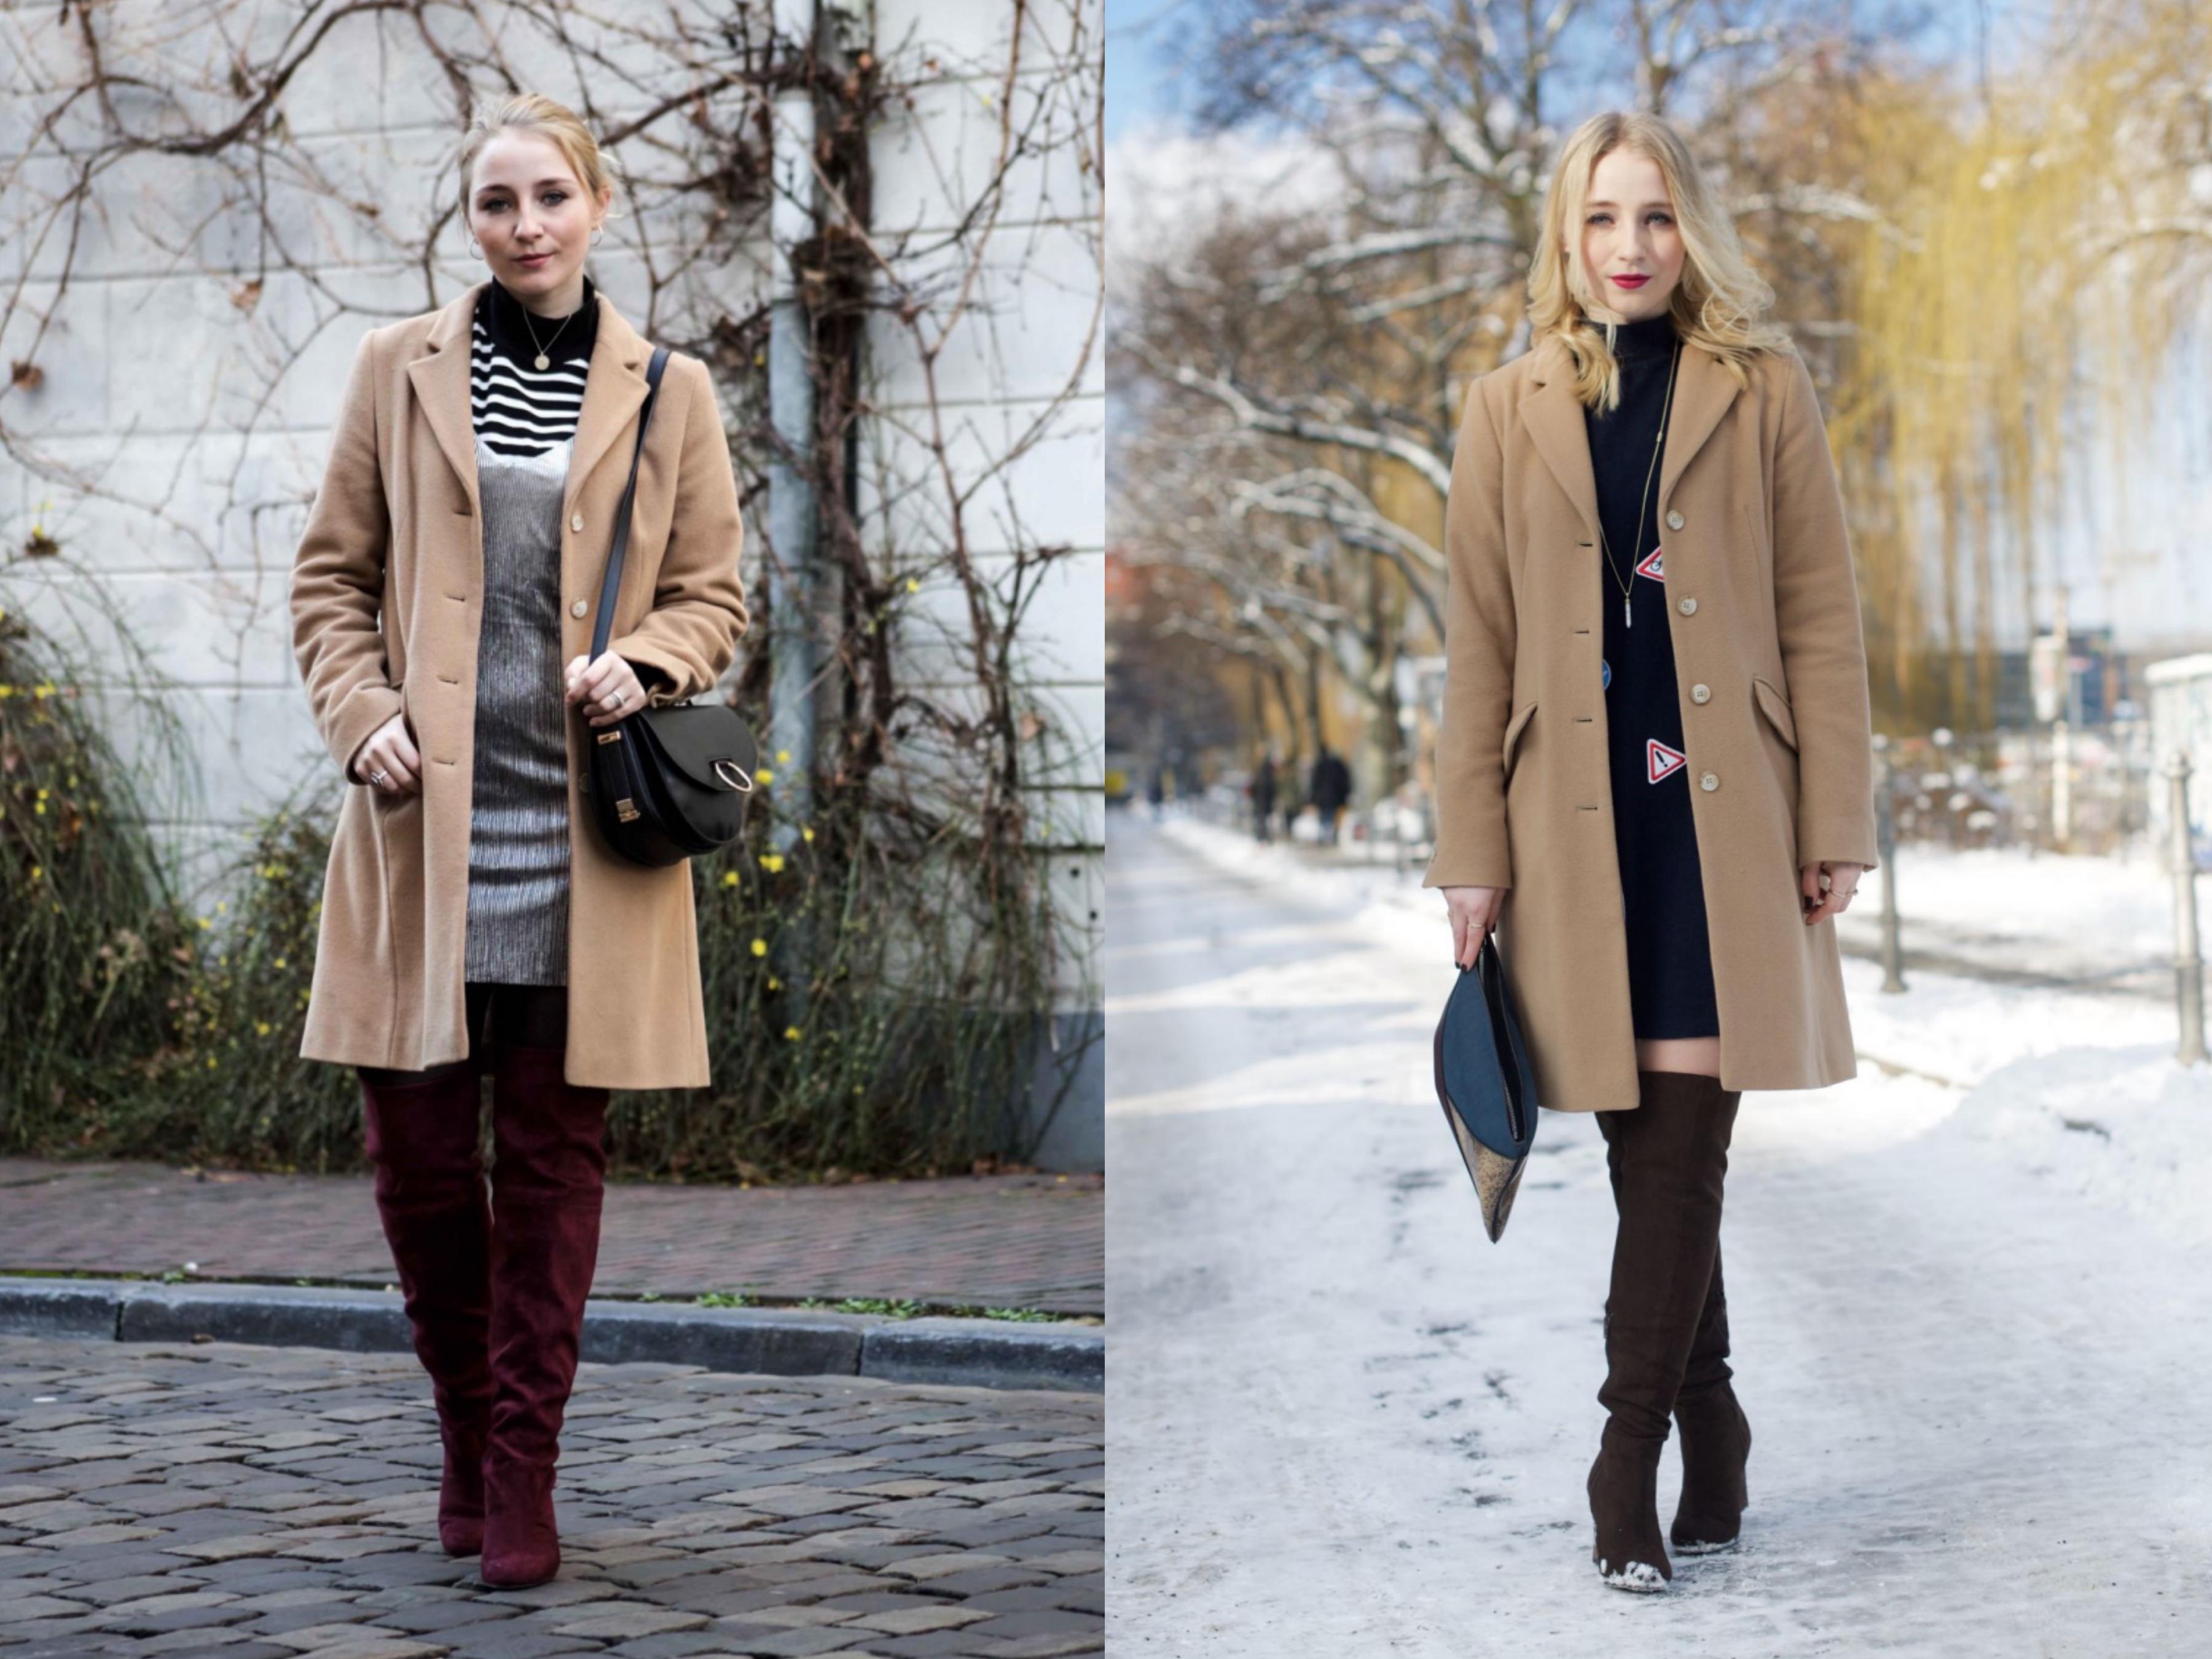 overknees-stiefel-overknee-modeblog-herbstrends